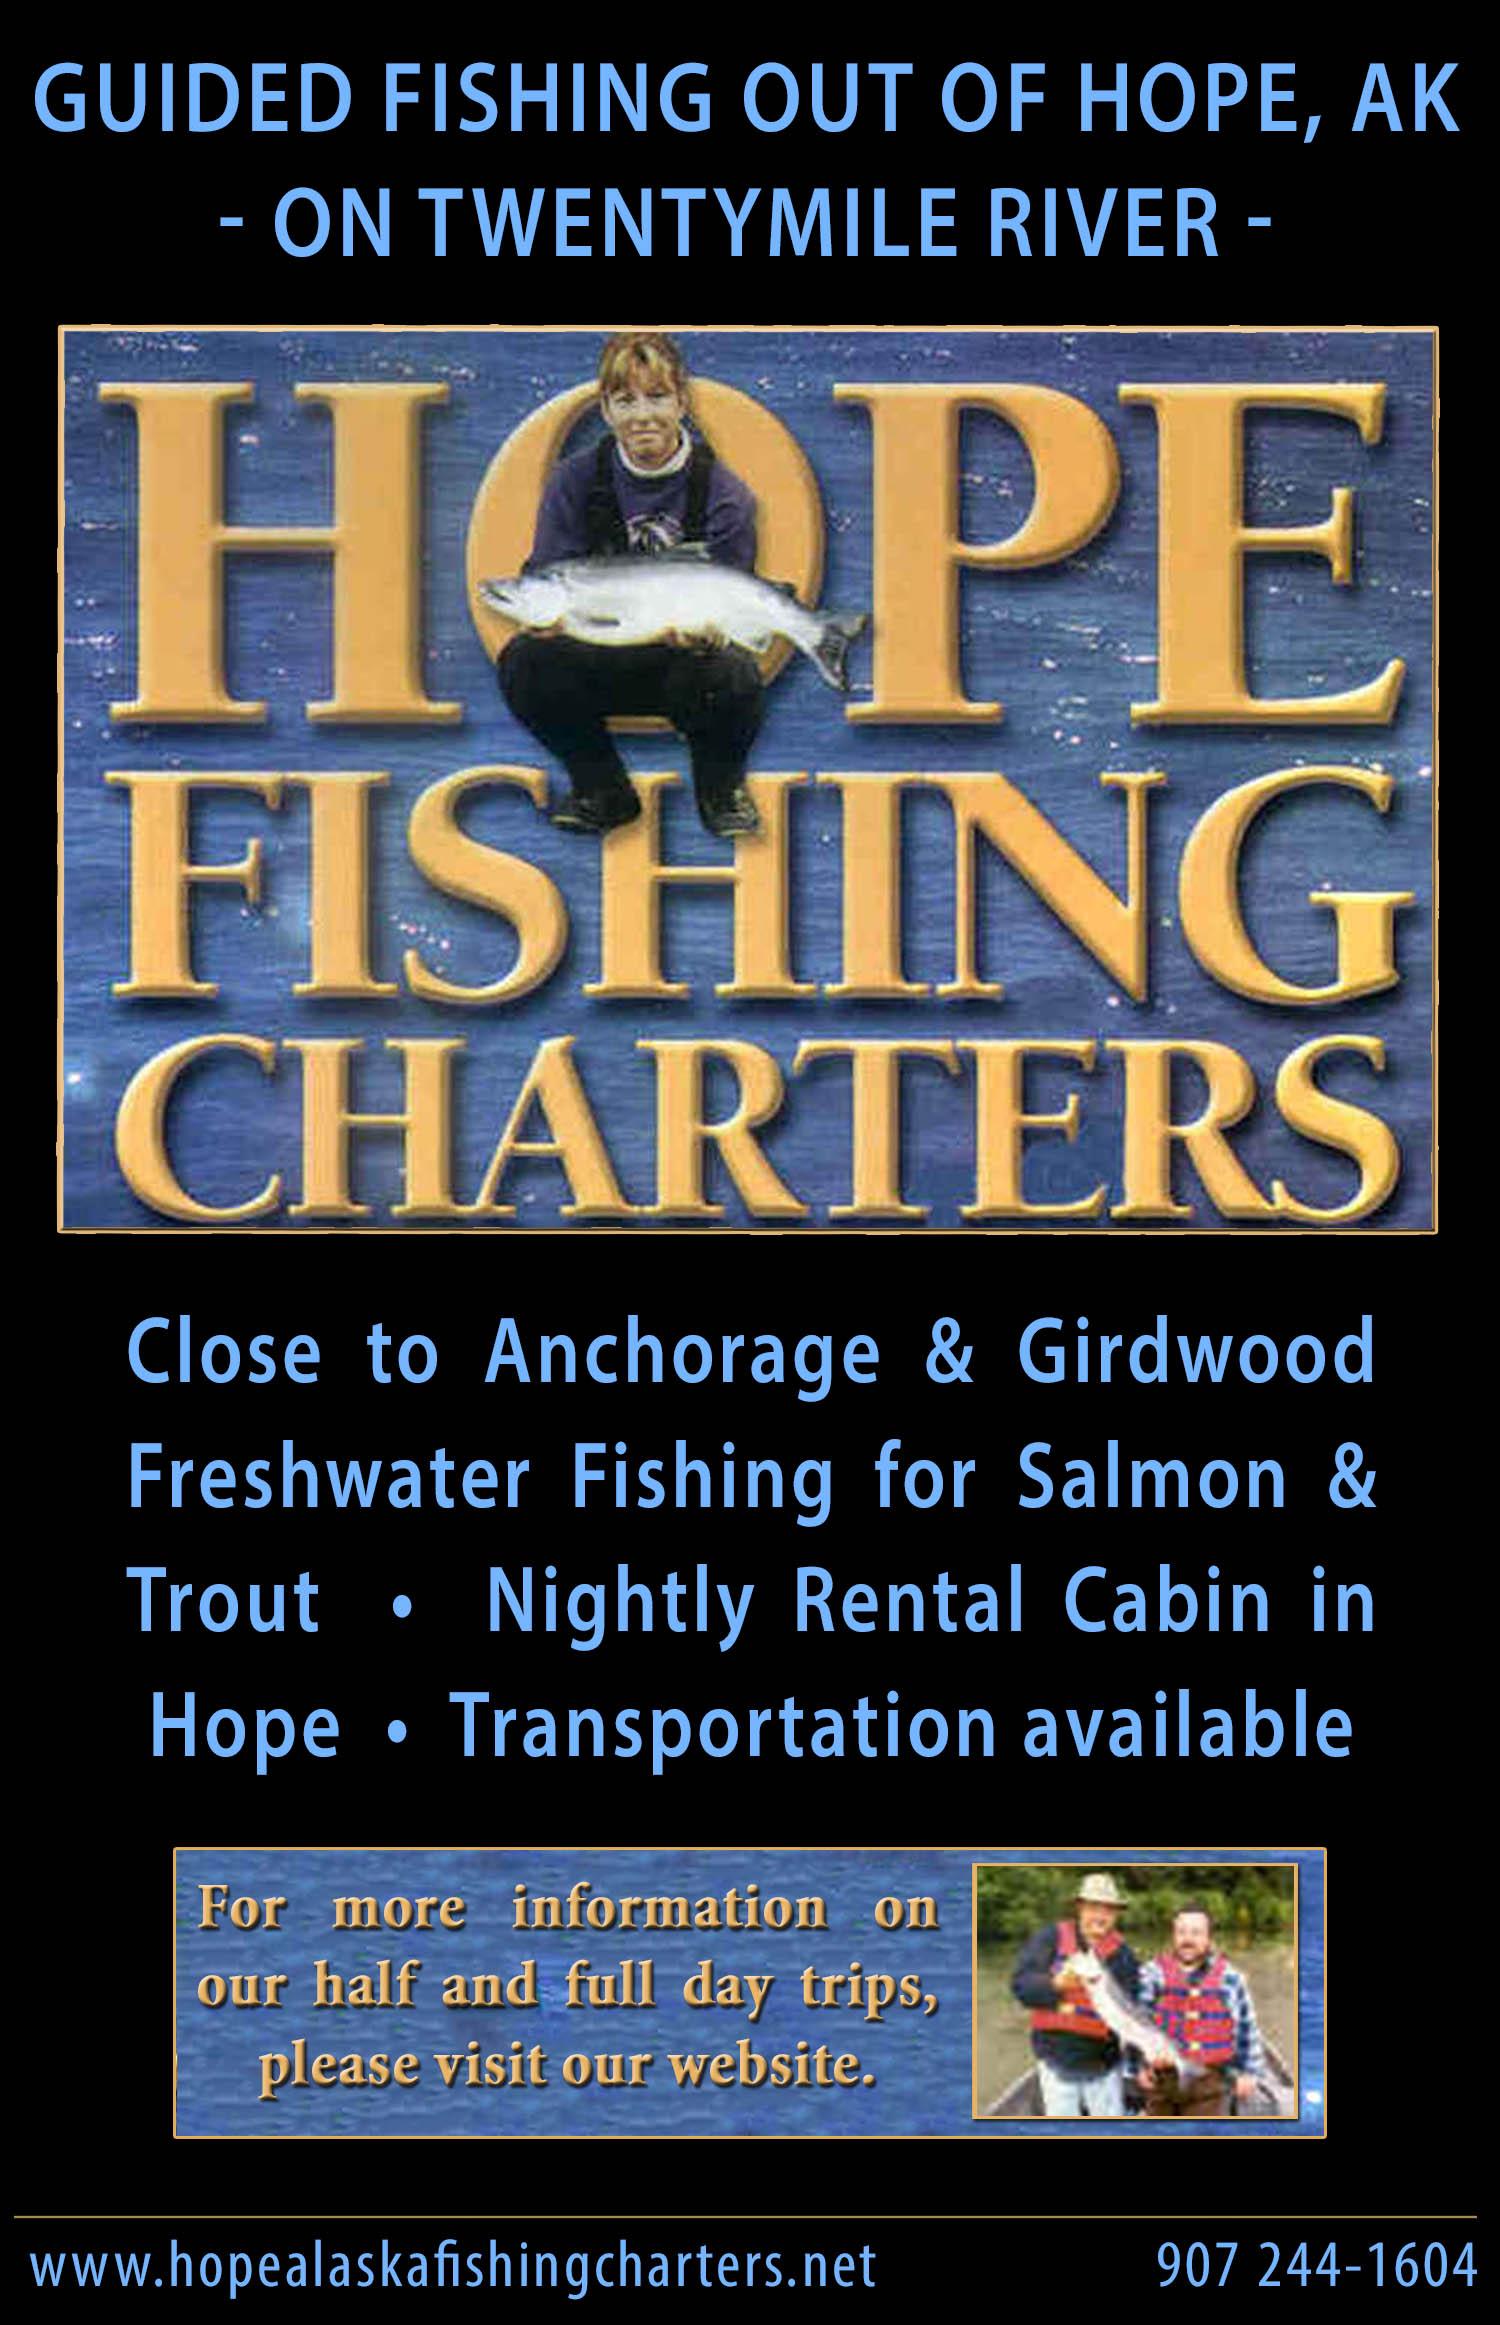 Hope Fishing Charters, LLC